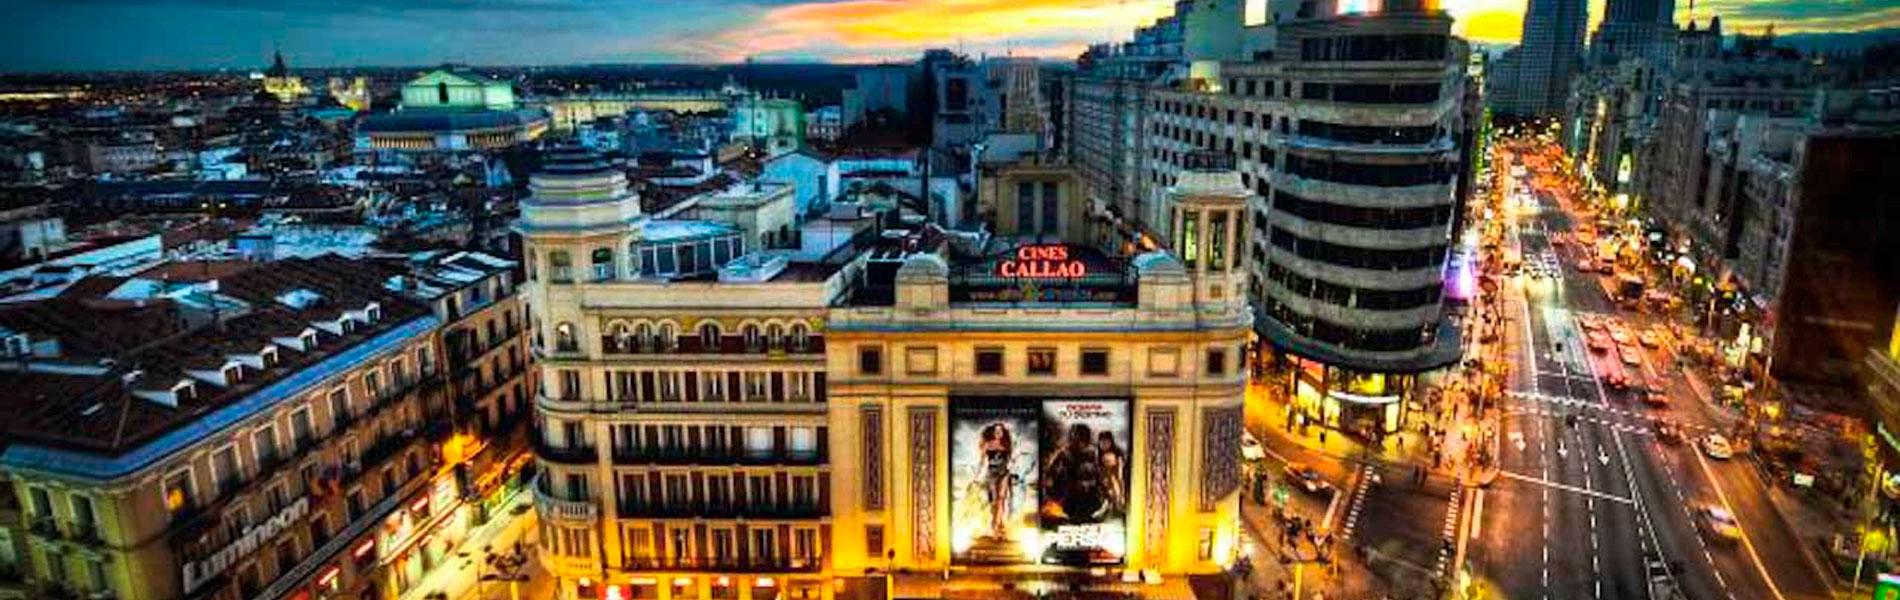 Restaurantes diferentes con espectaculo en Madrid